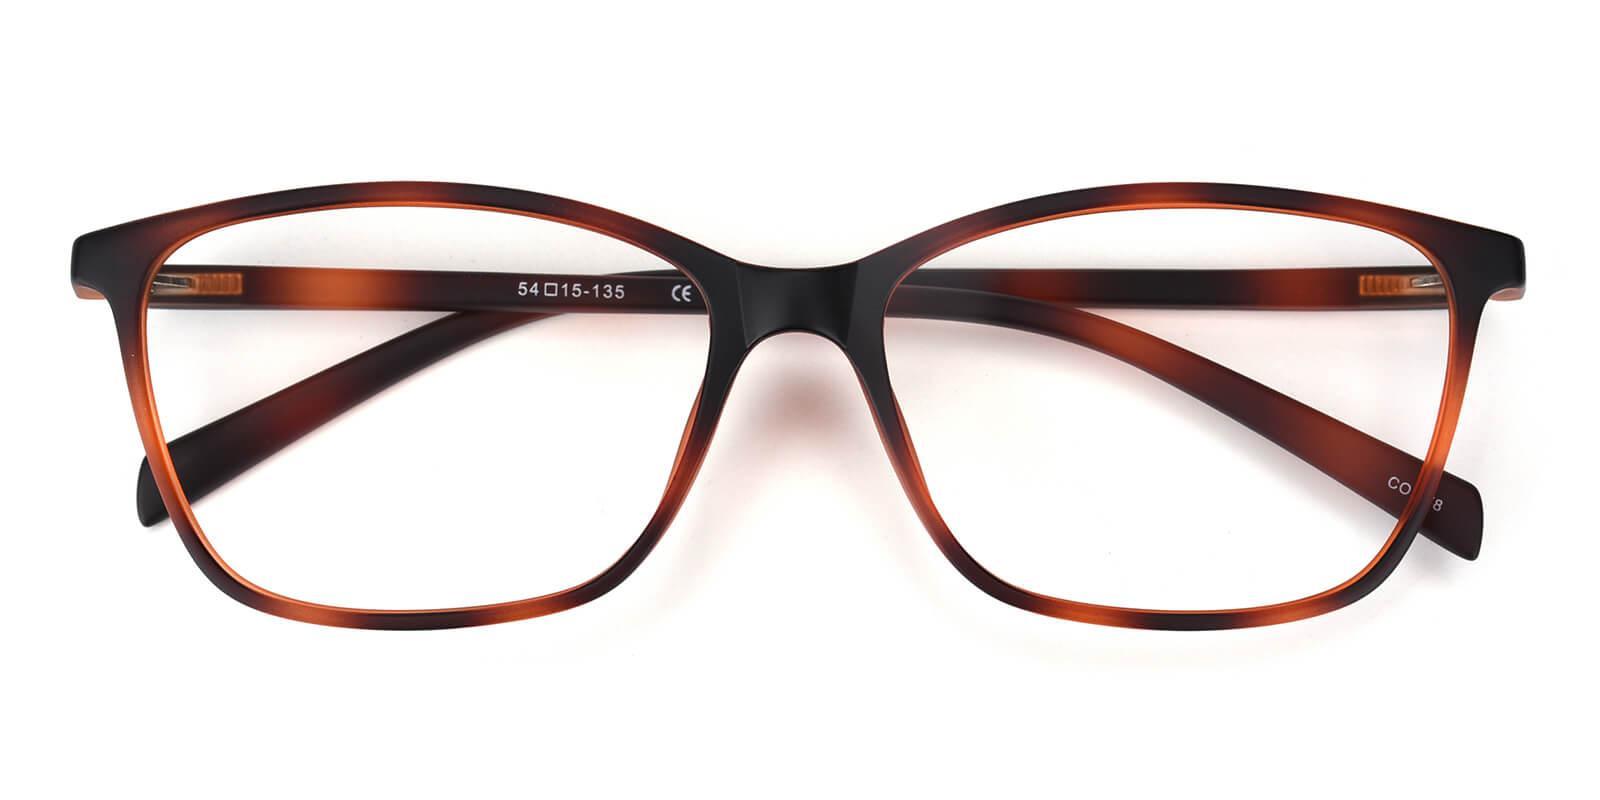 Hecaba-Tortoise-Cat-TR-Eyeglasses-detail